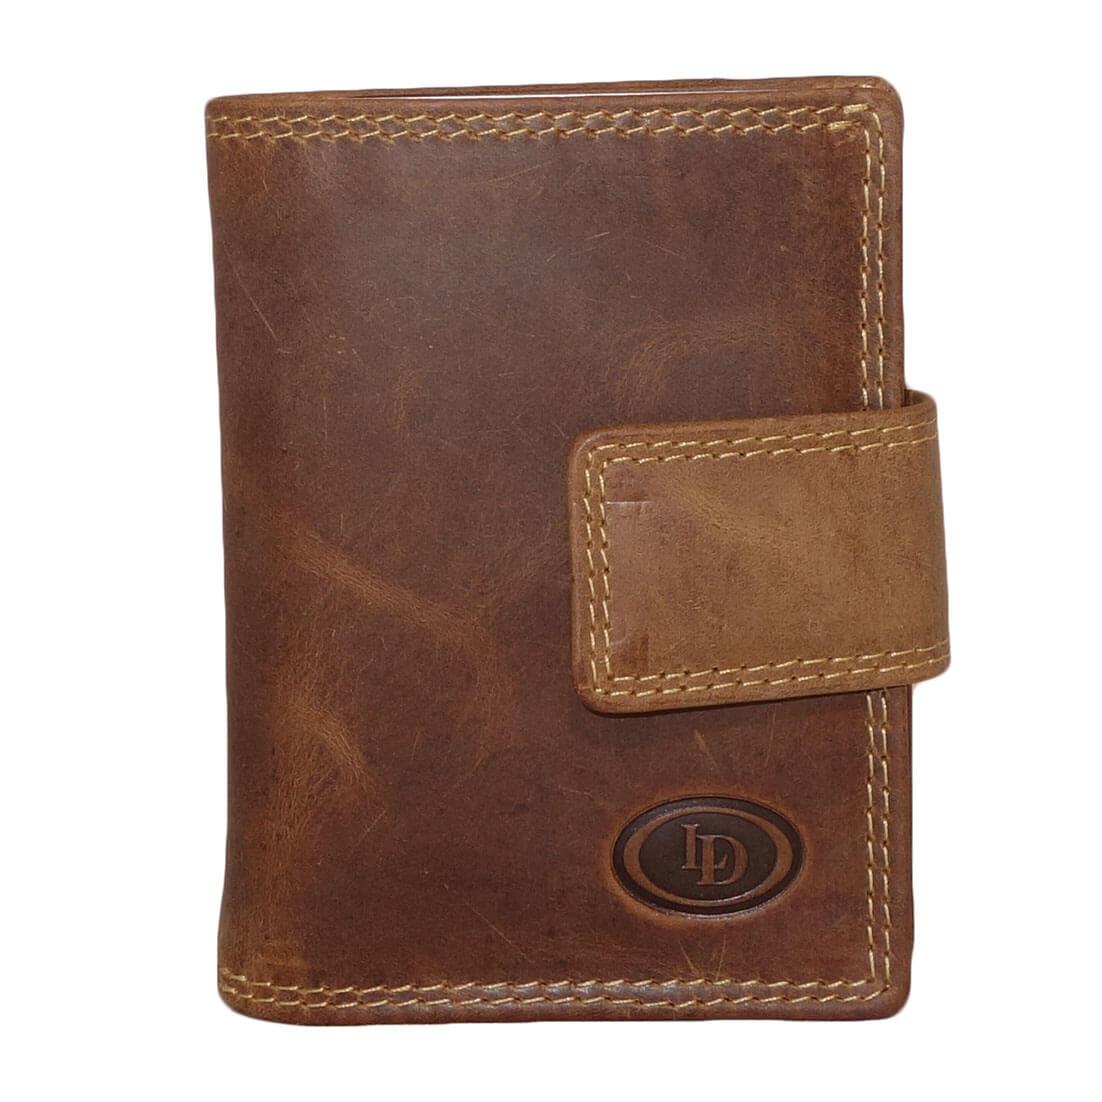 Leather Design Portemonnee met Ritsvakje en Secrid Cardprotector Vak Bruin-17623